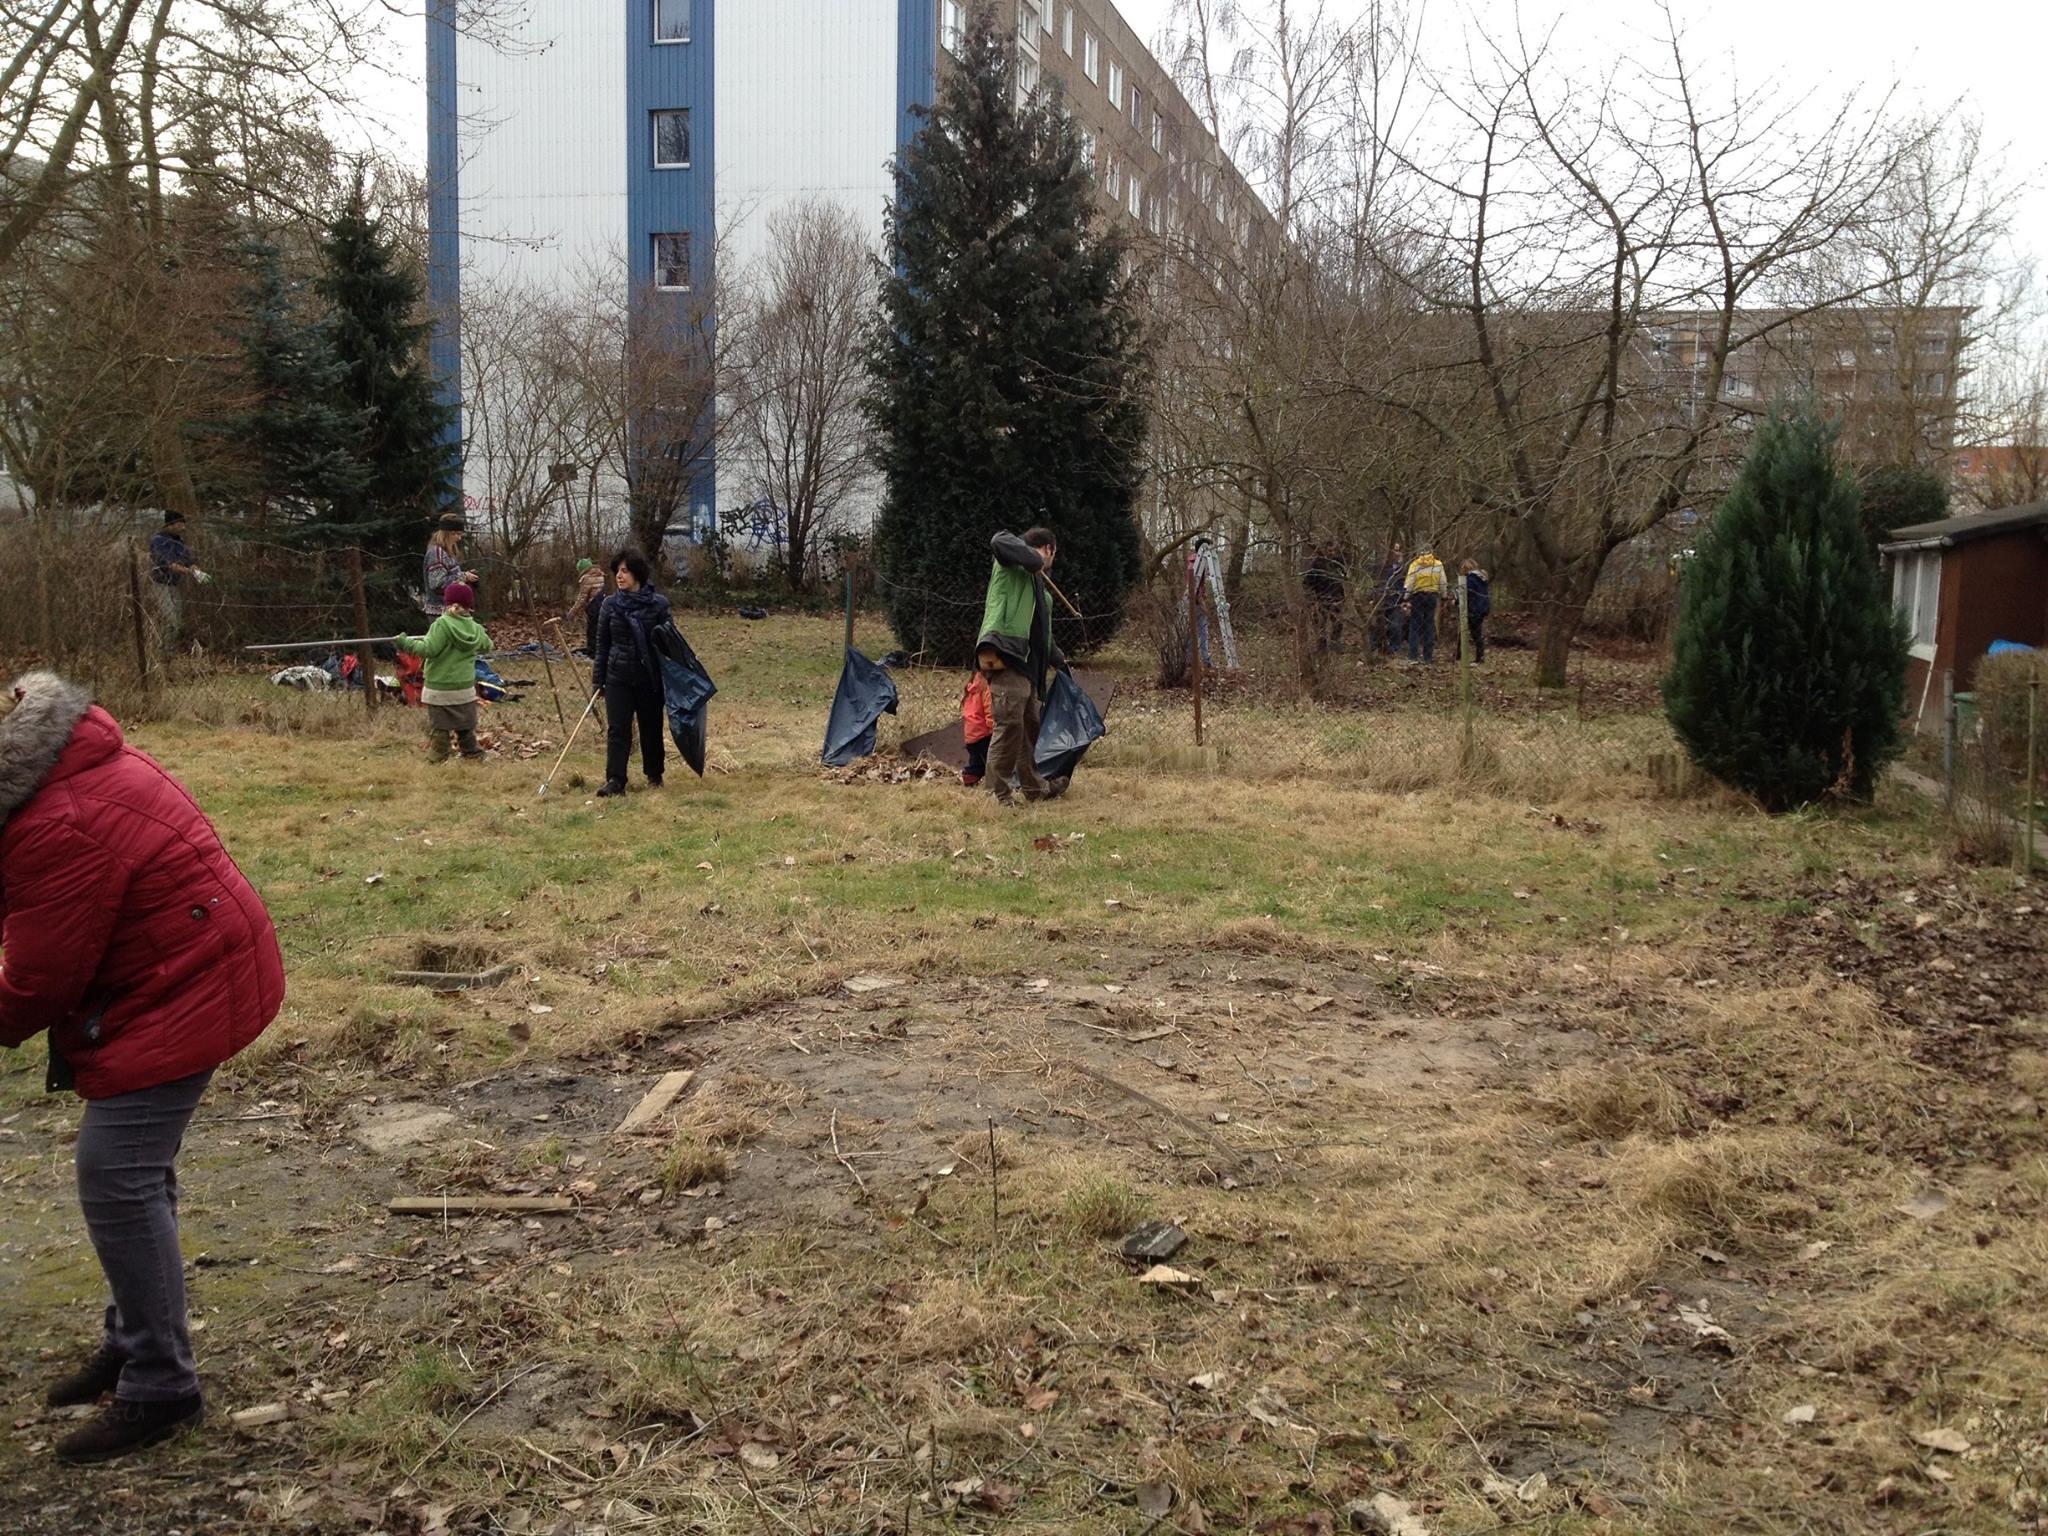 An der ersten Gemeinschaftsaktion nahmen viele fleißige Helfer*innen teil. Müll wurde gesammelt und ein überflüssiger Zaun wurde auch gleich entfernt.